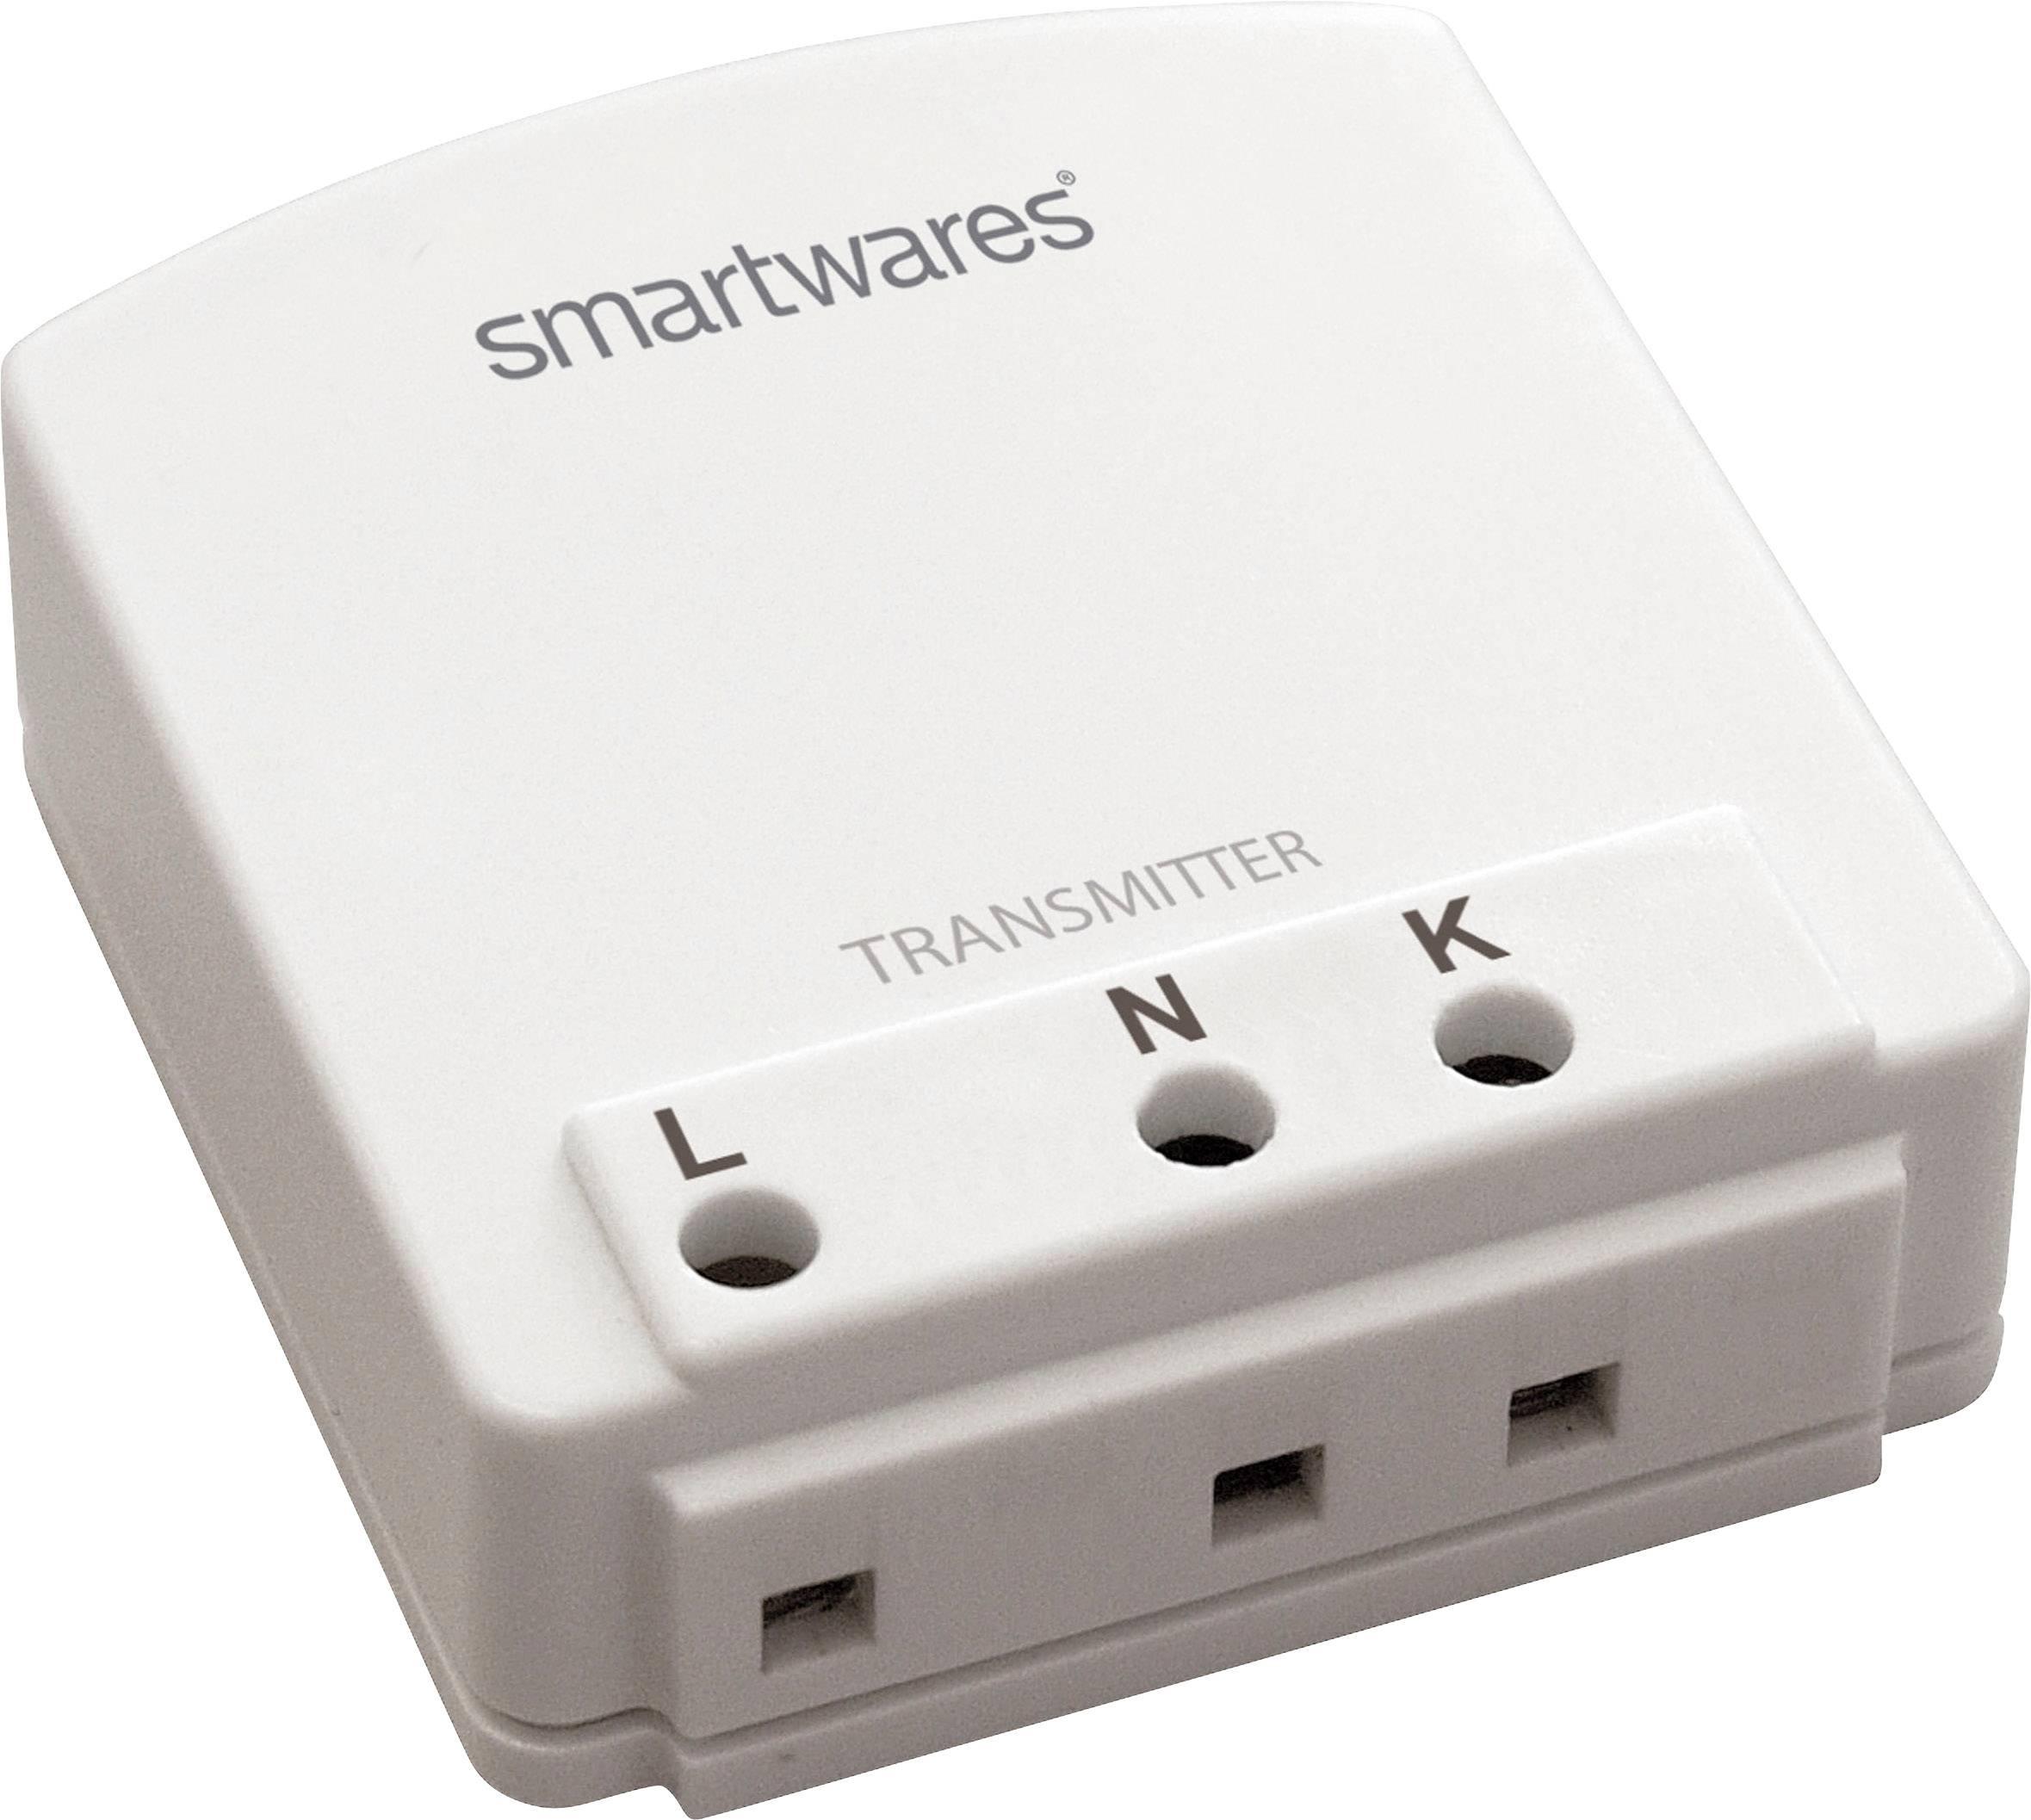 Bezdrôtový vysielač Smartwares SH5-TBR-A, 1-kanálový , Max. dosah 50 m